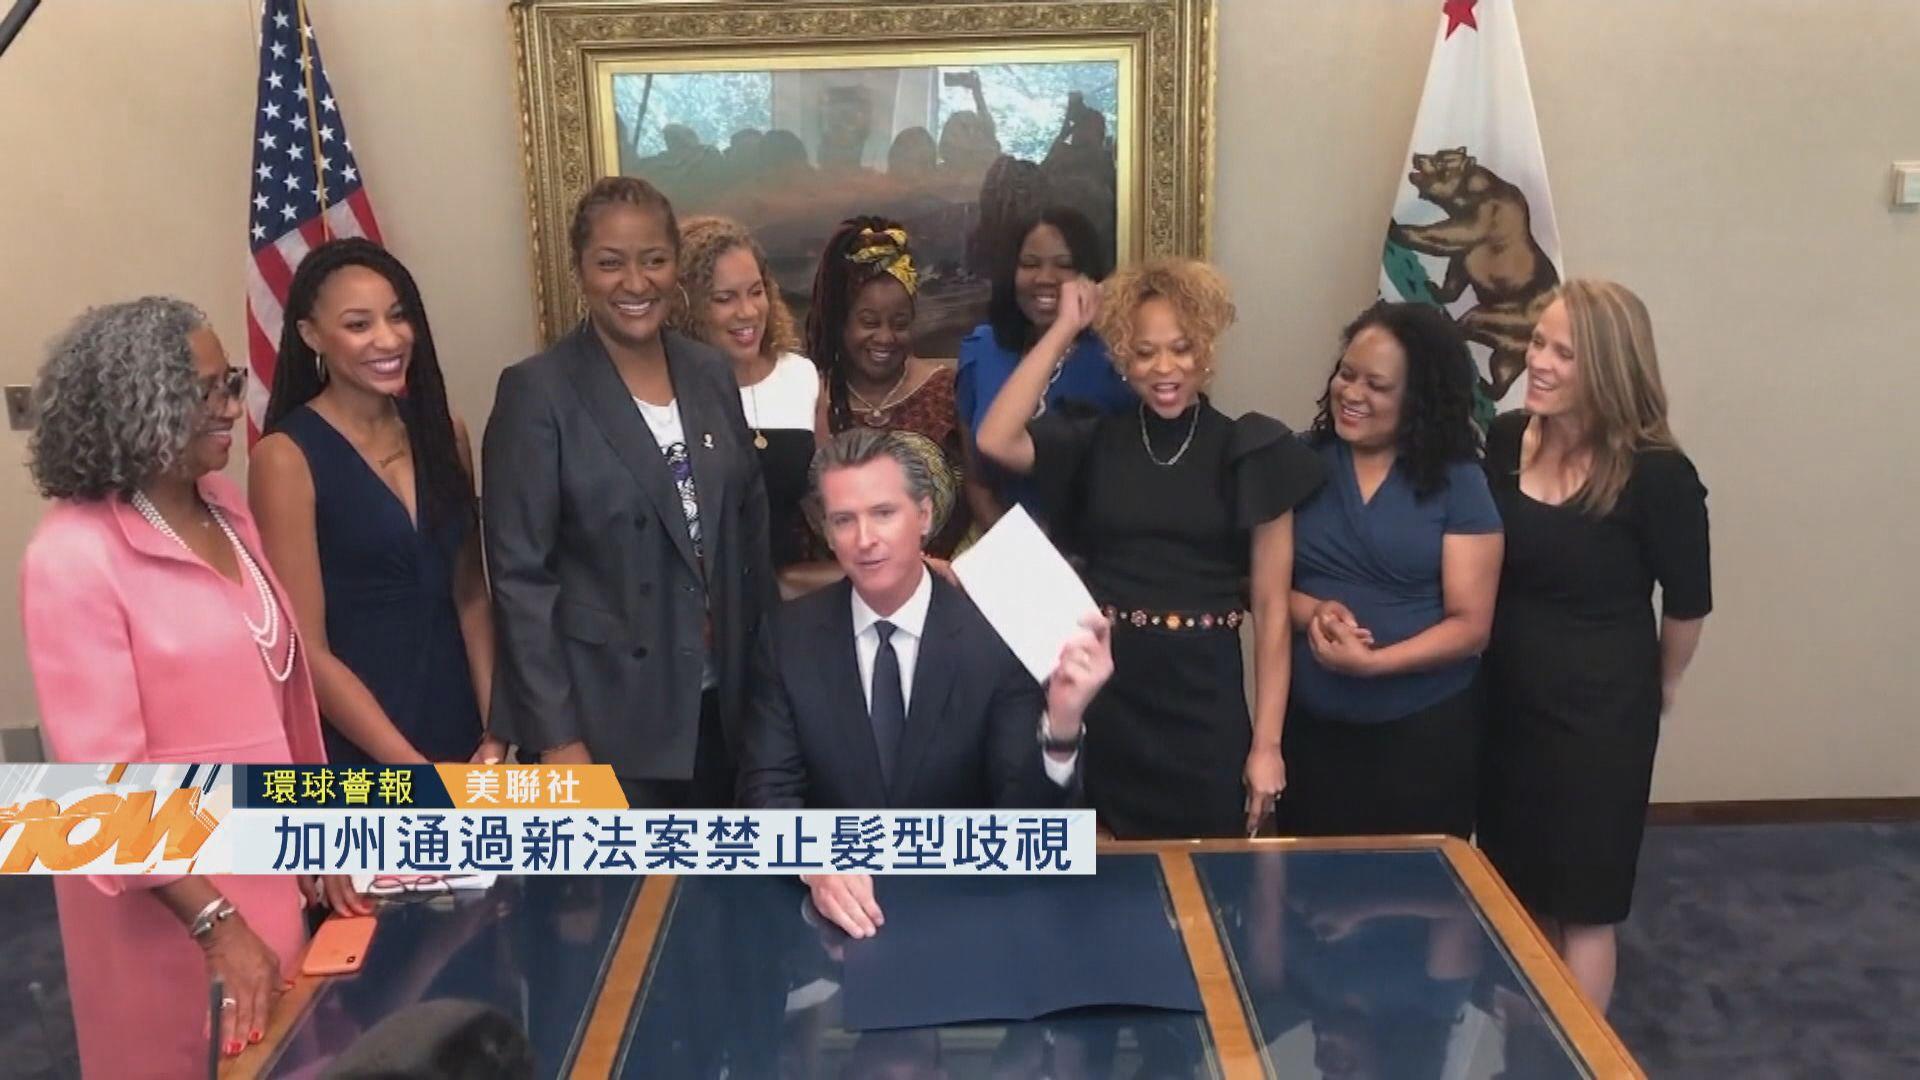 【環球薈報】加州通過新法案禁止髮型歧視